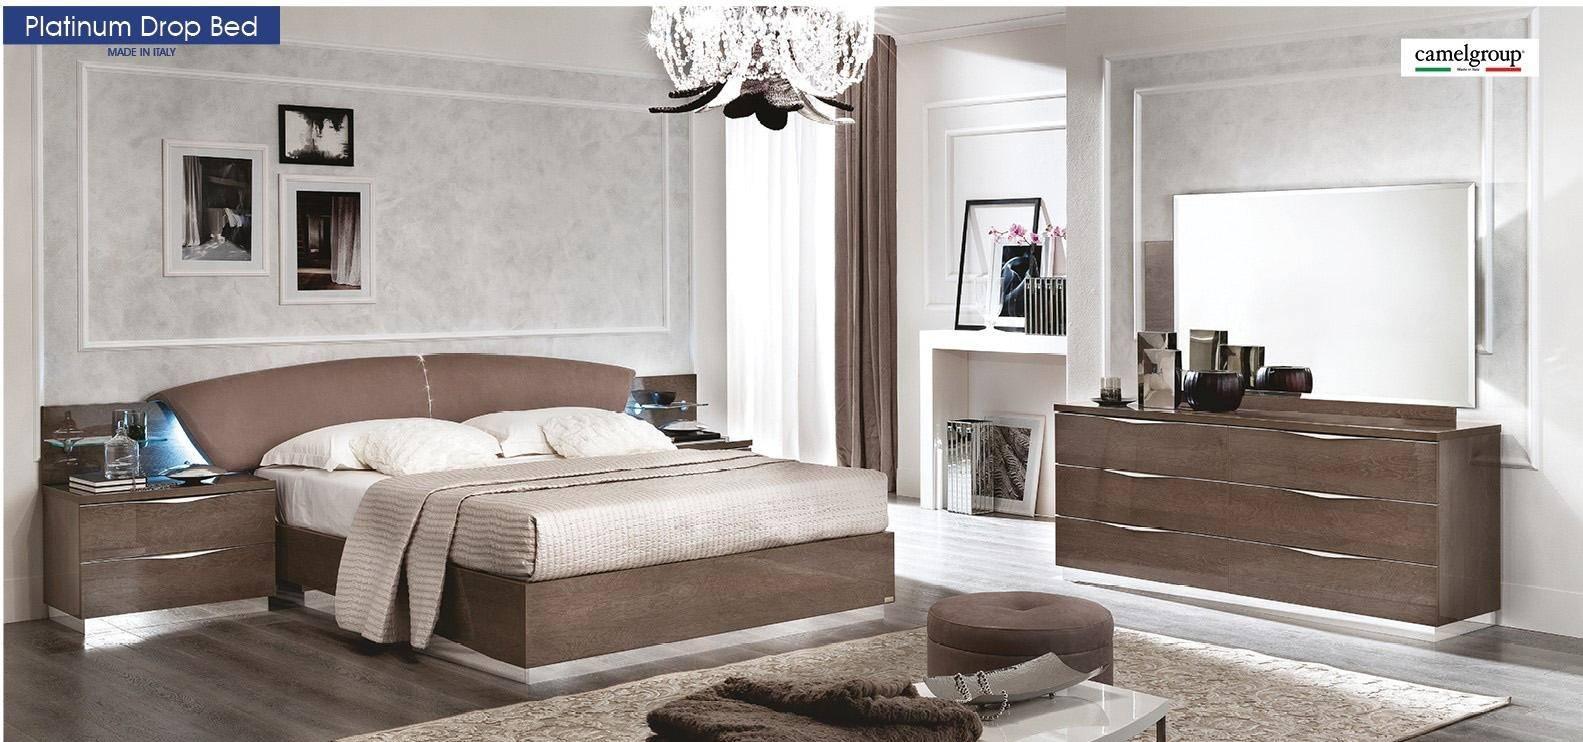 esf platinum drop king platform bedroom set 5 pcs in silver walnut eco leather